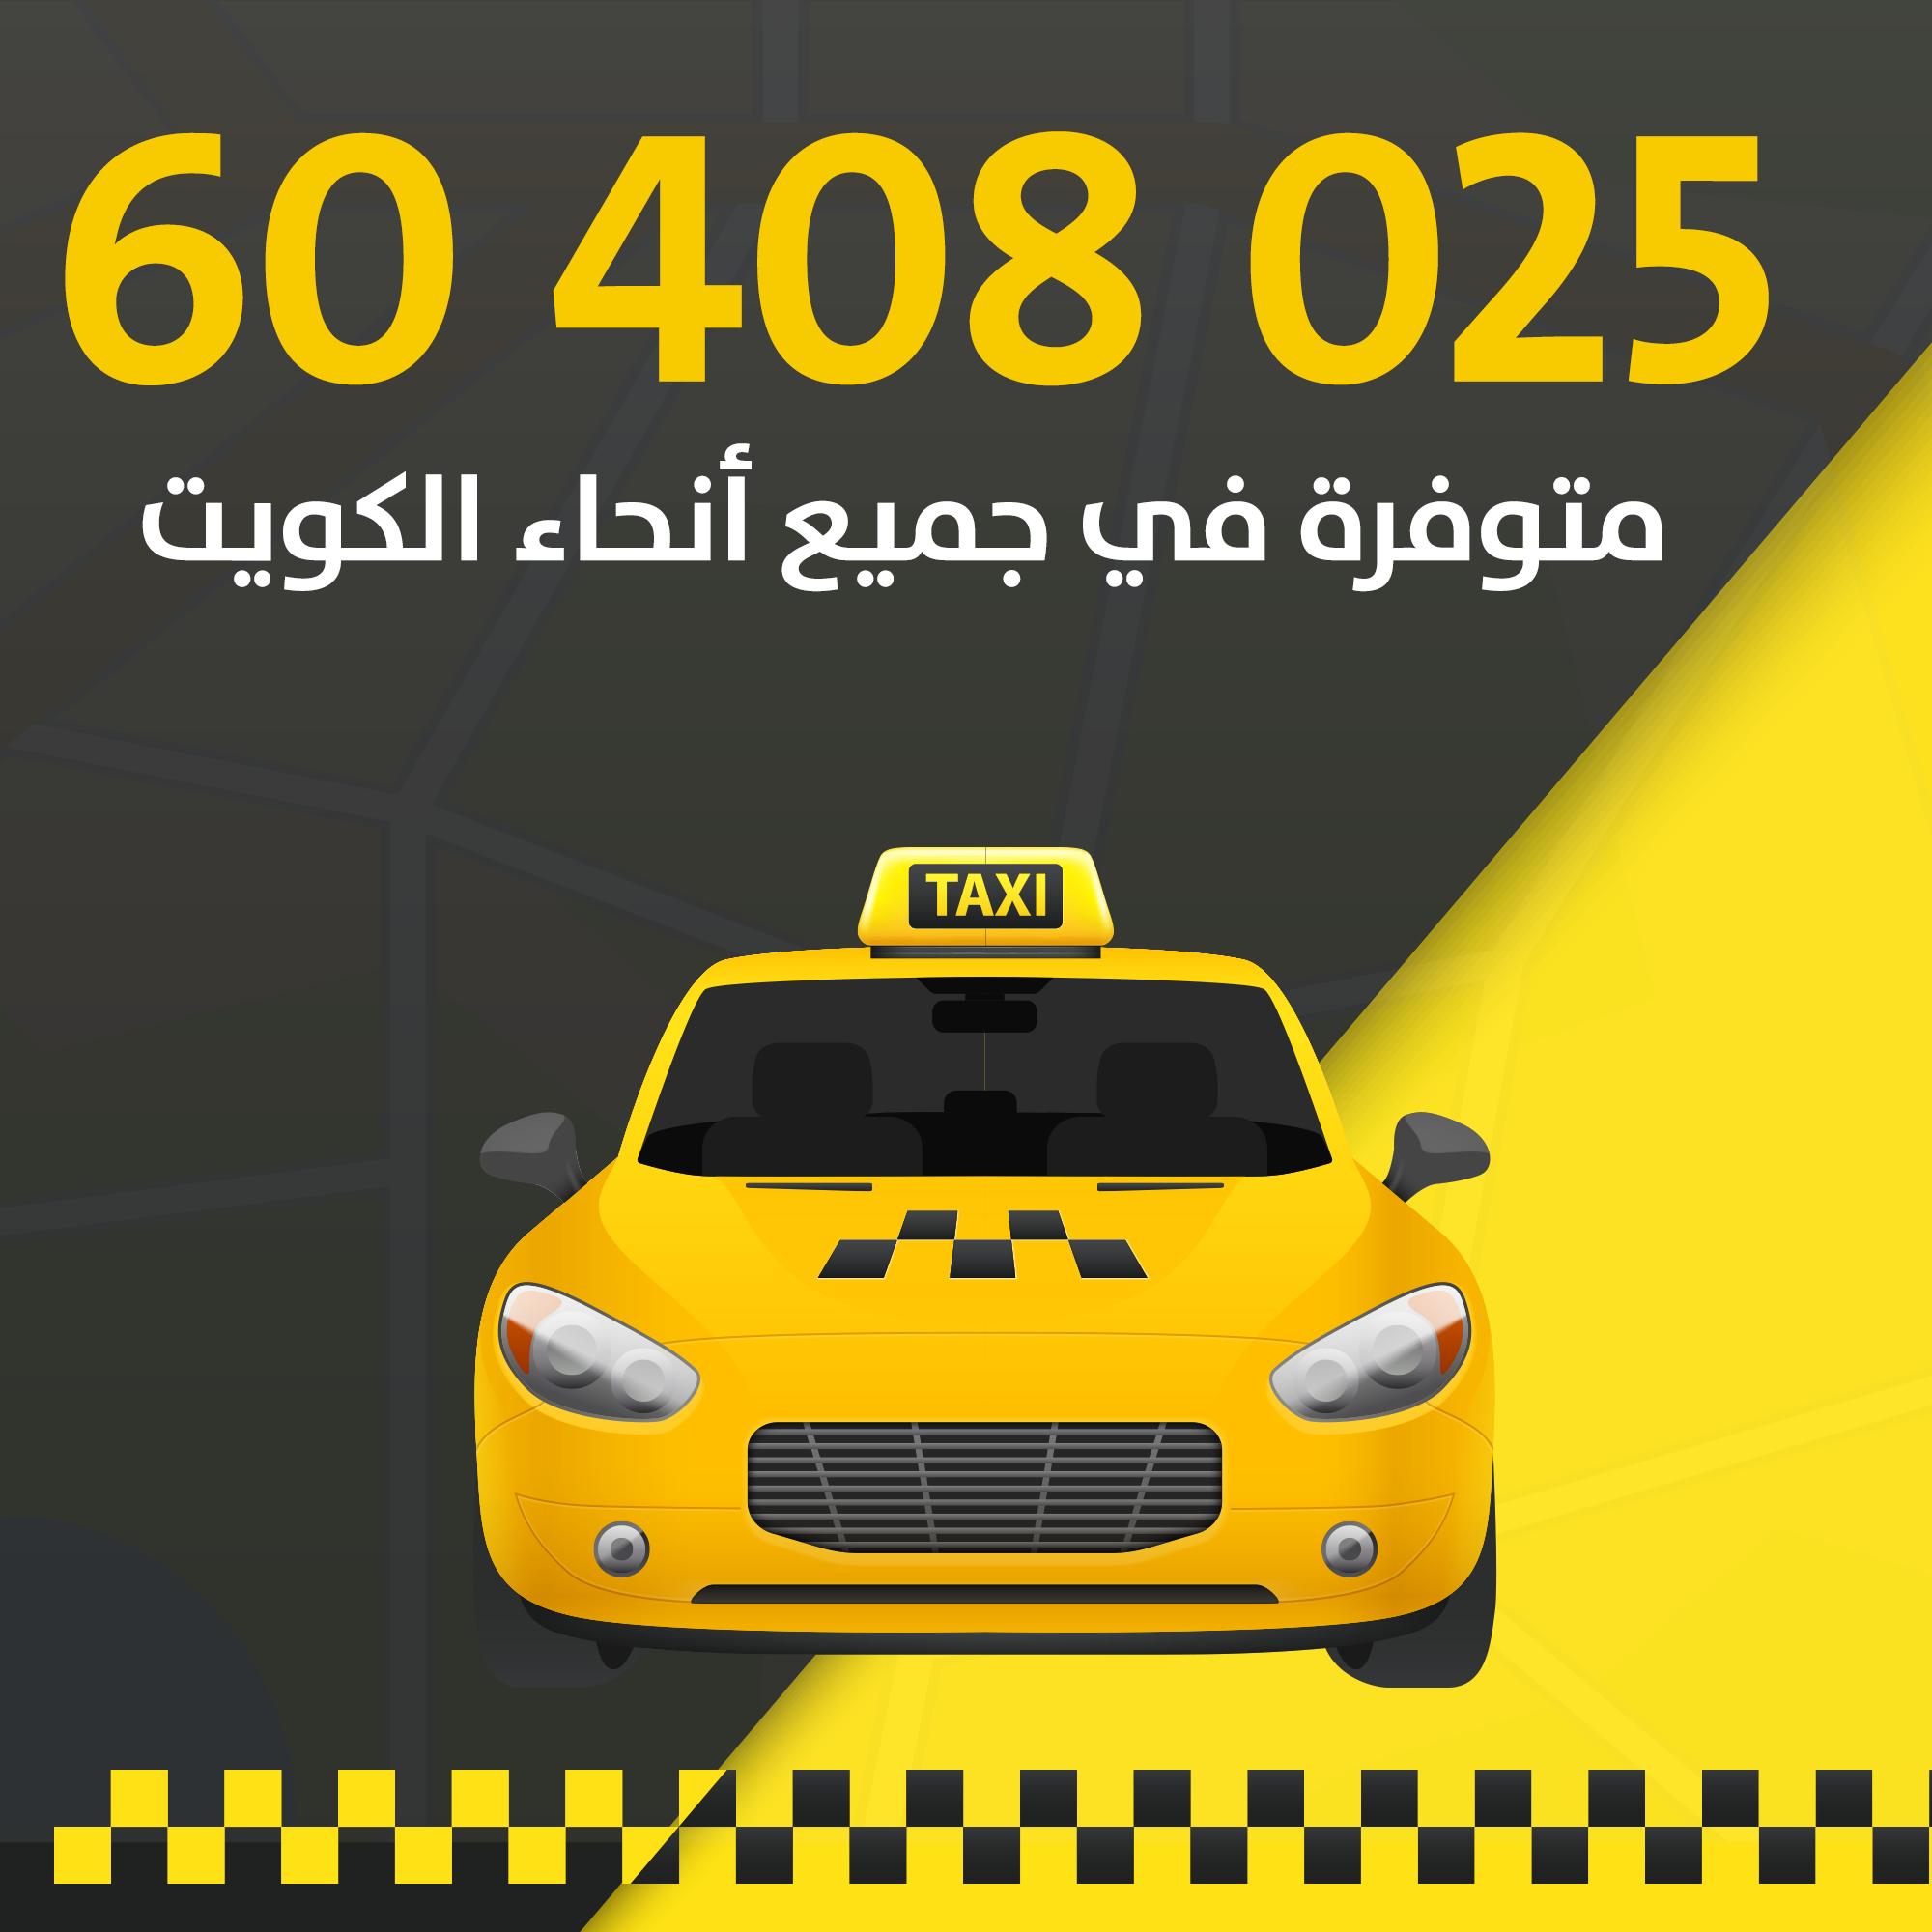 تاكسي توصيلة في شارع اللؤلؤة